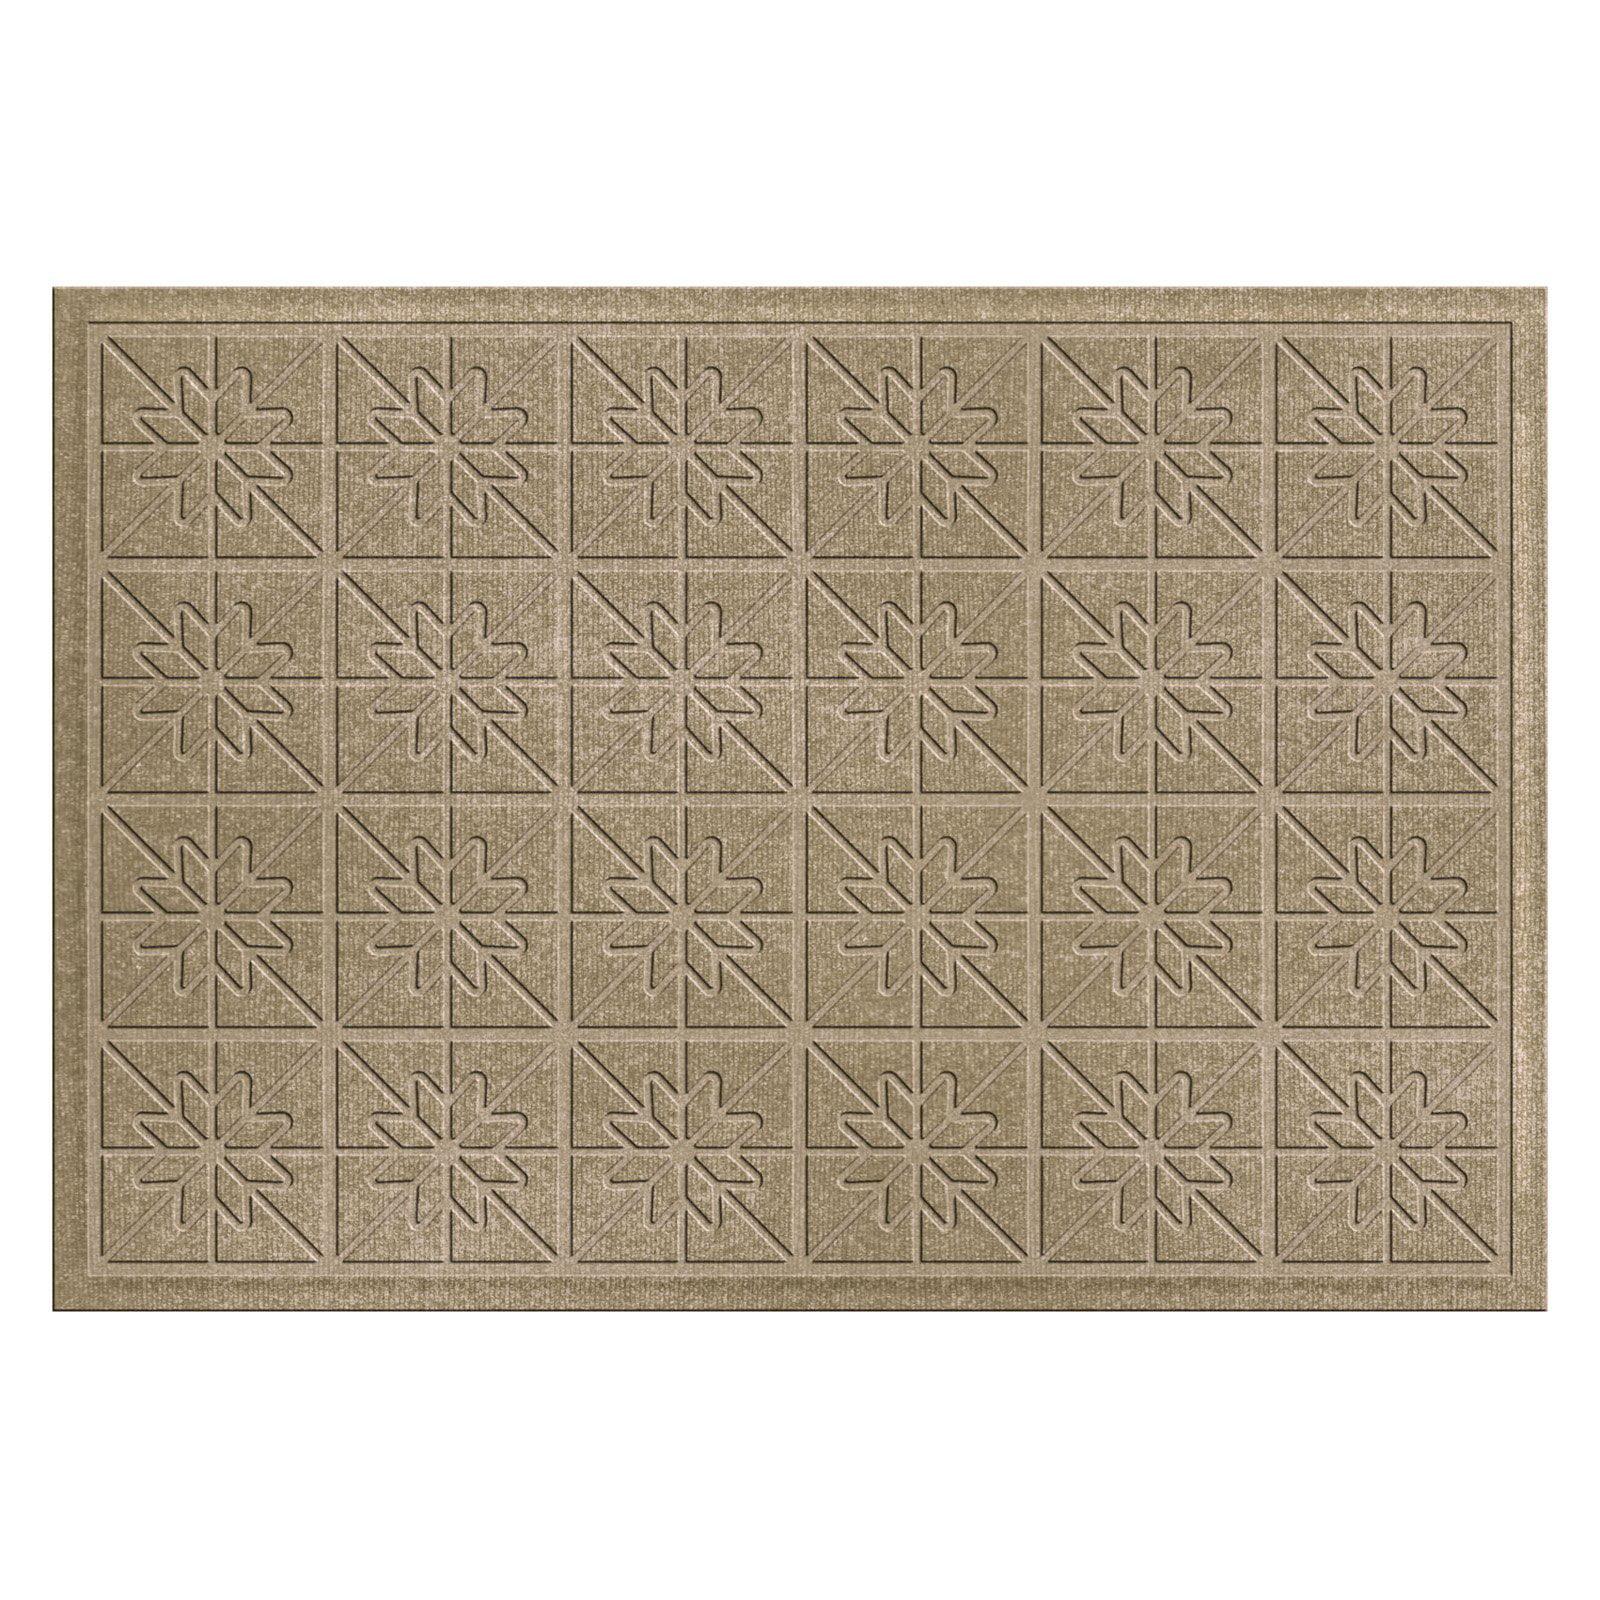 Bungalow Flooring Water Guard Star Quilt Indoor   Outdoor Doormat by Bungalow Flooring